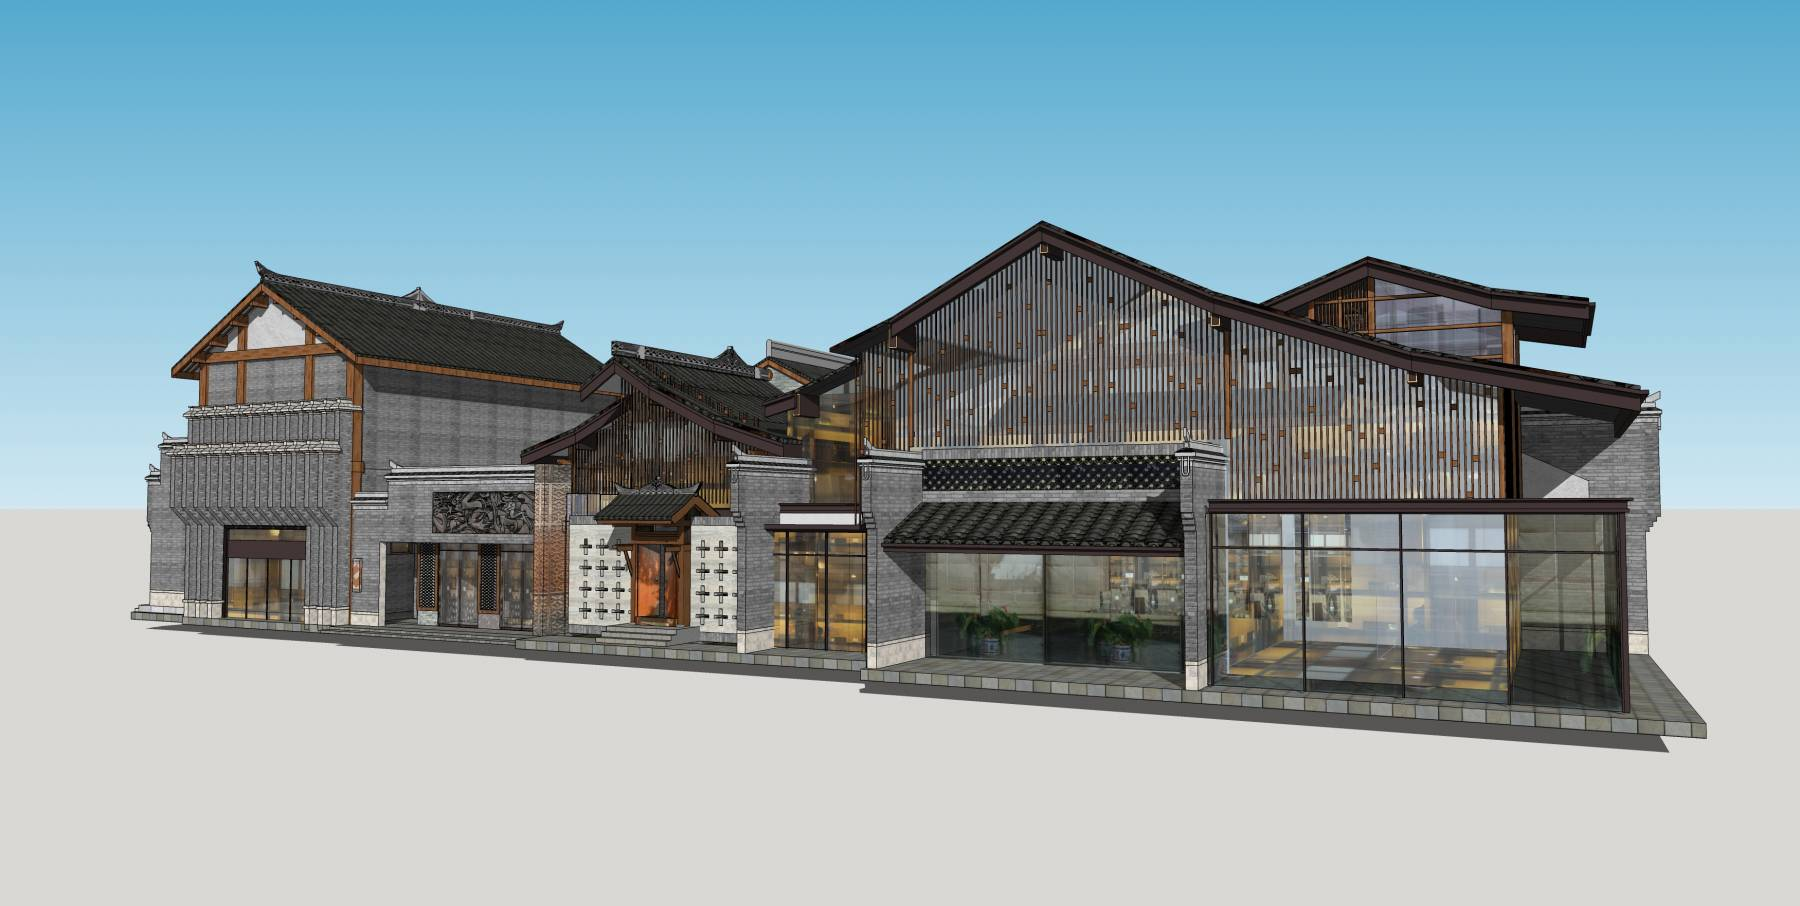 中式商业街楼中式风格临街商铺